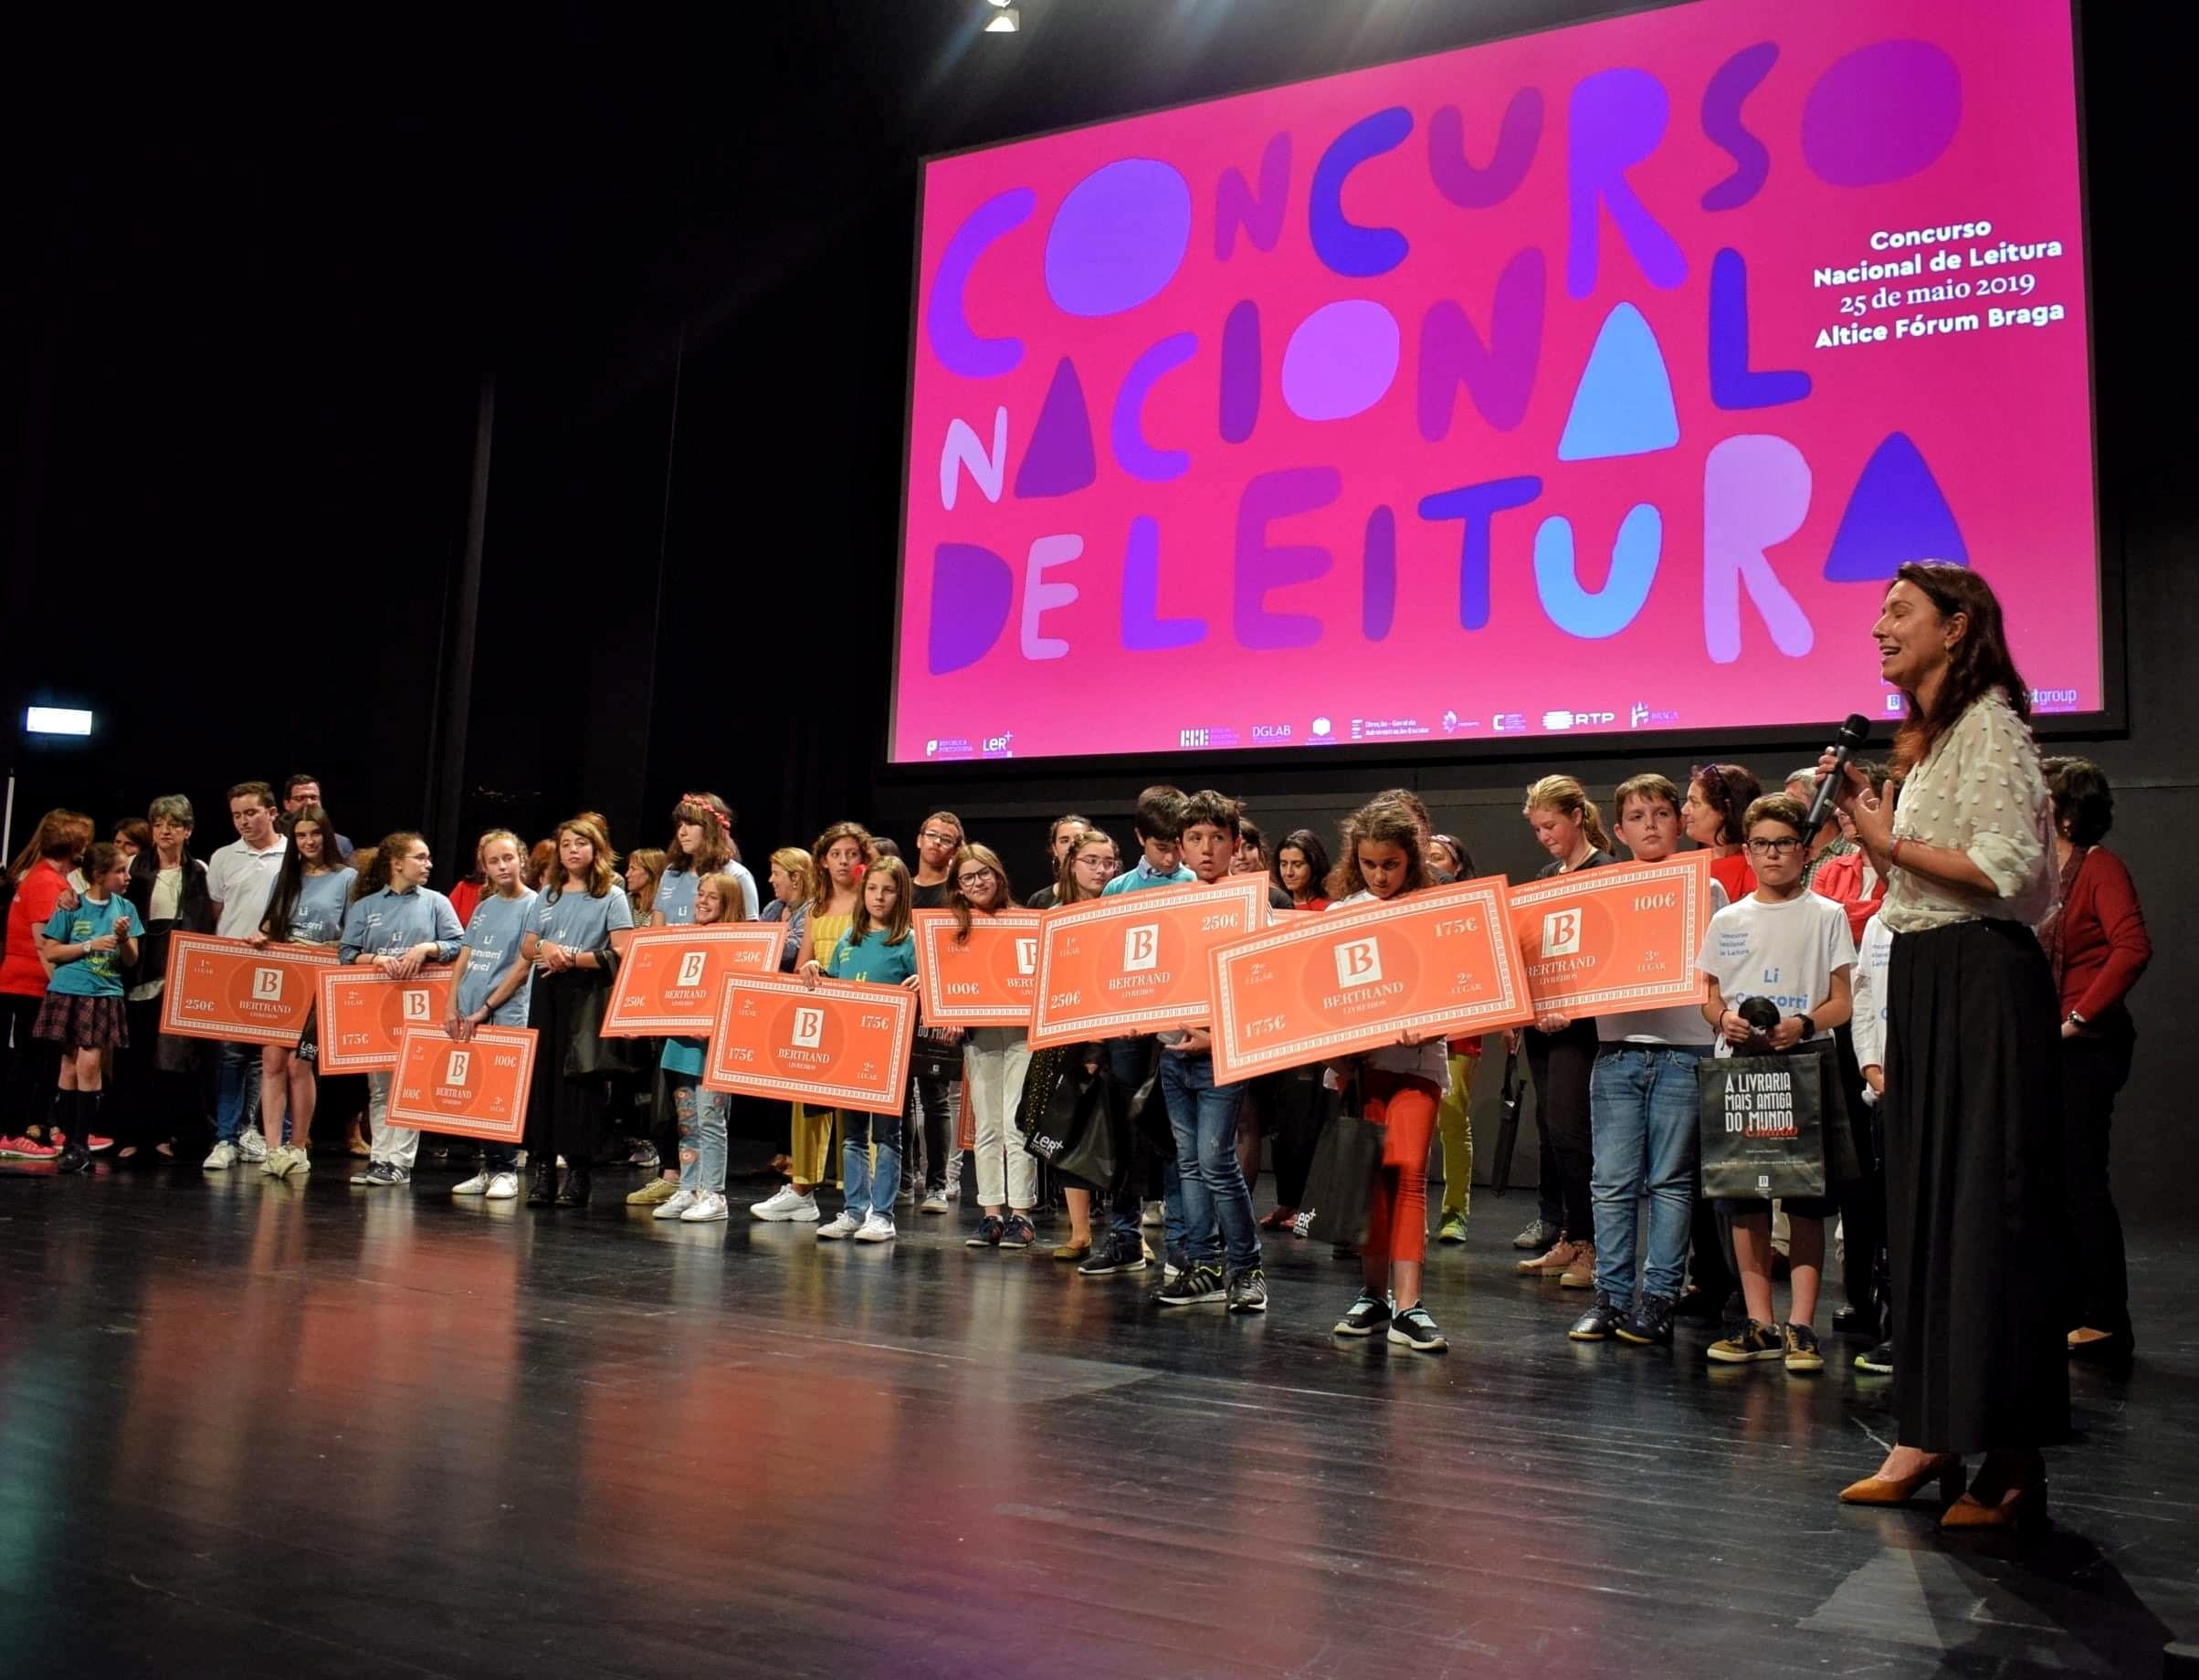 Braga recebeu fase final do Concurso Nacional de Leitura